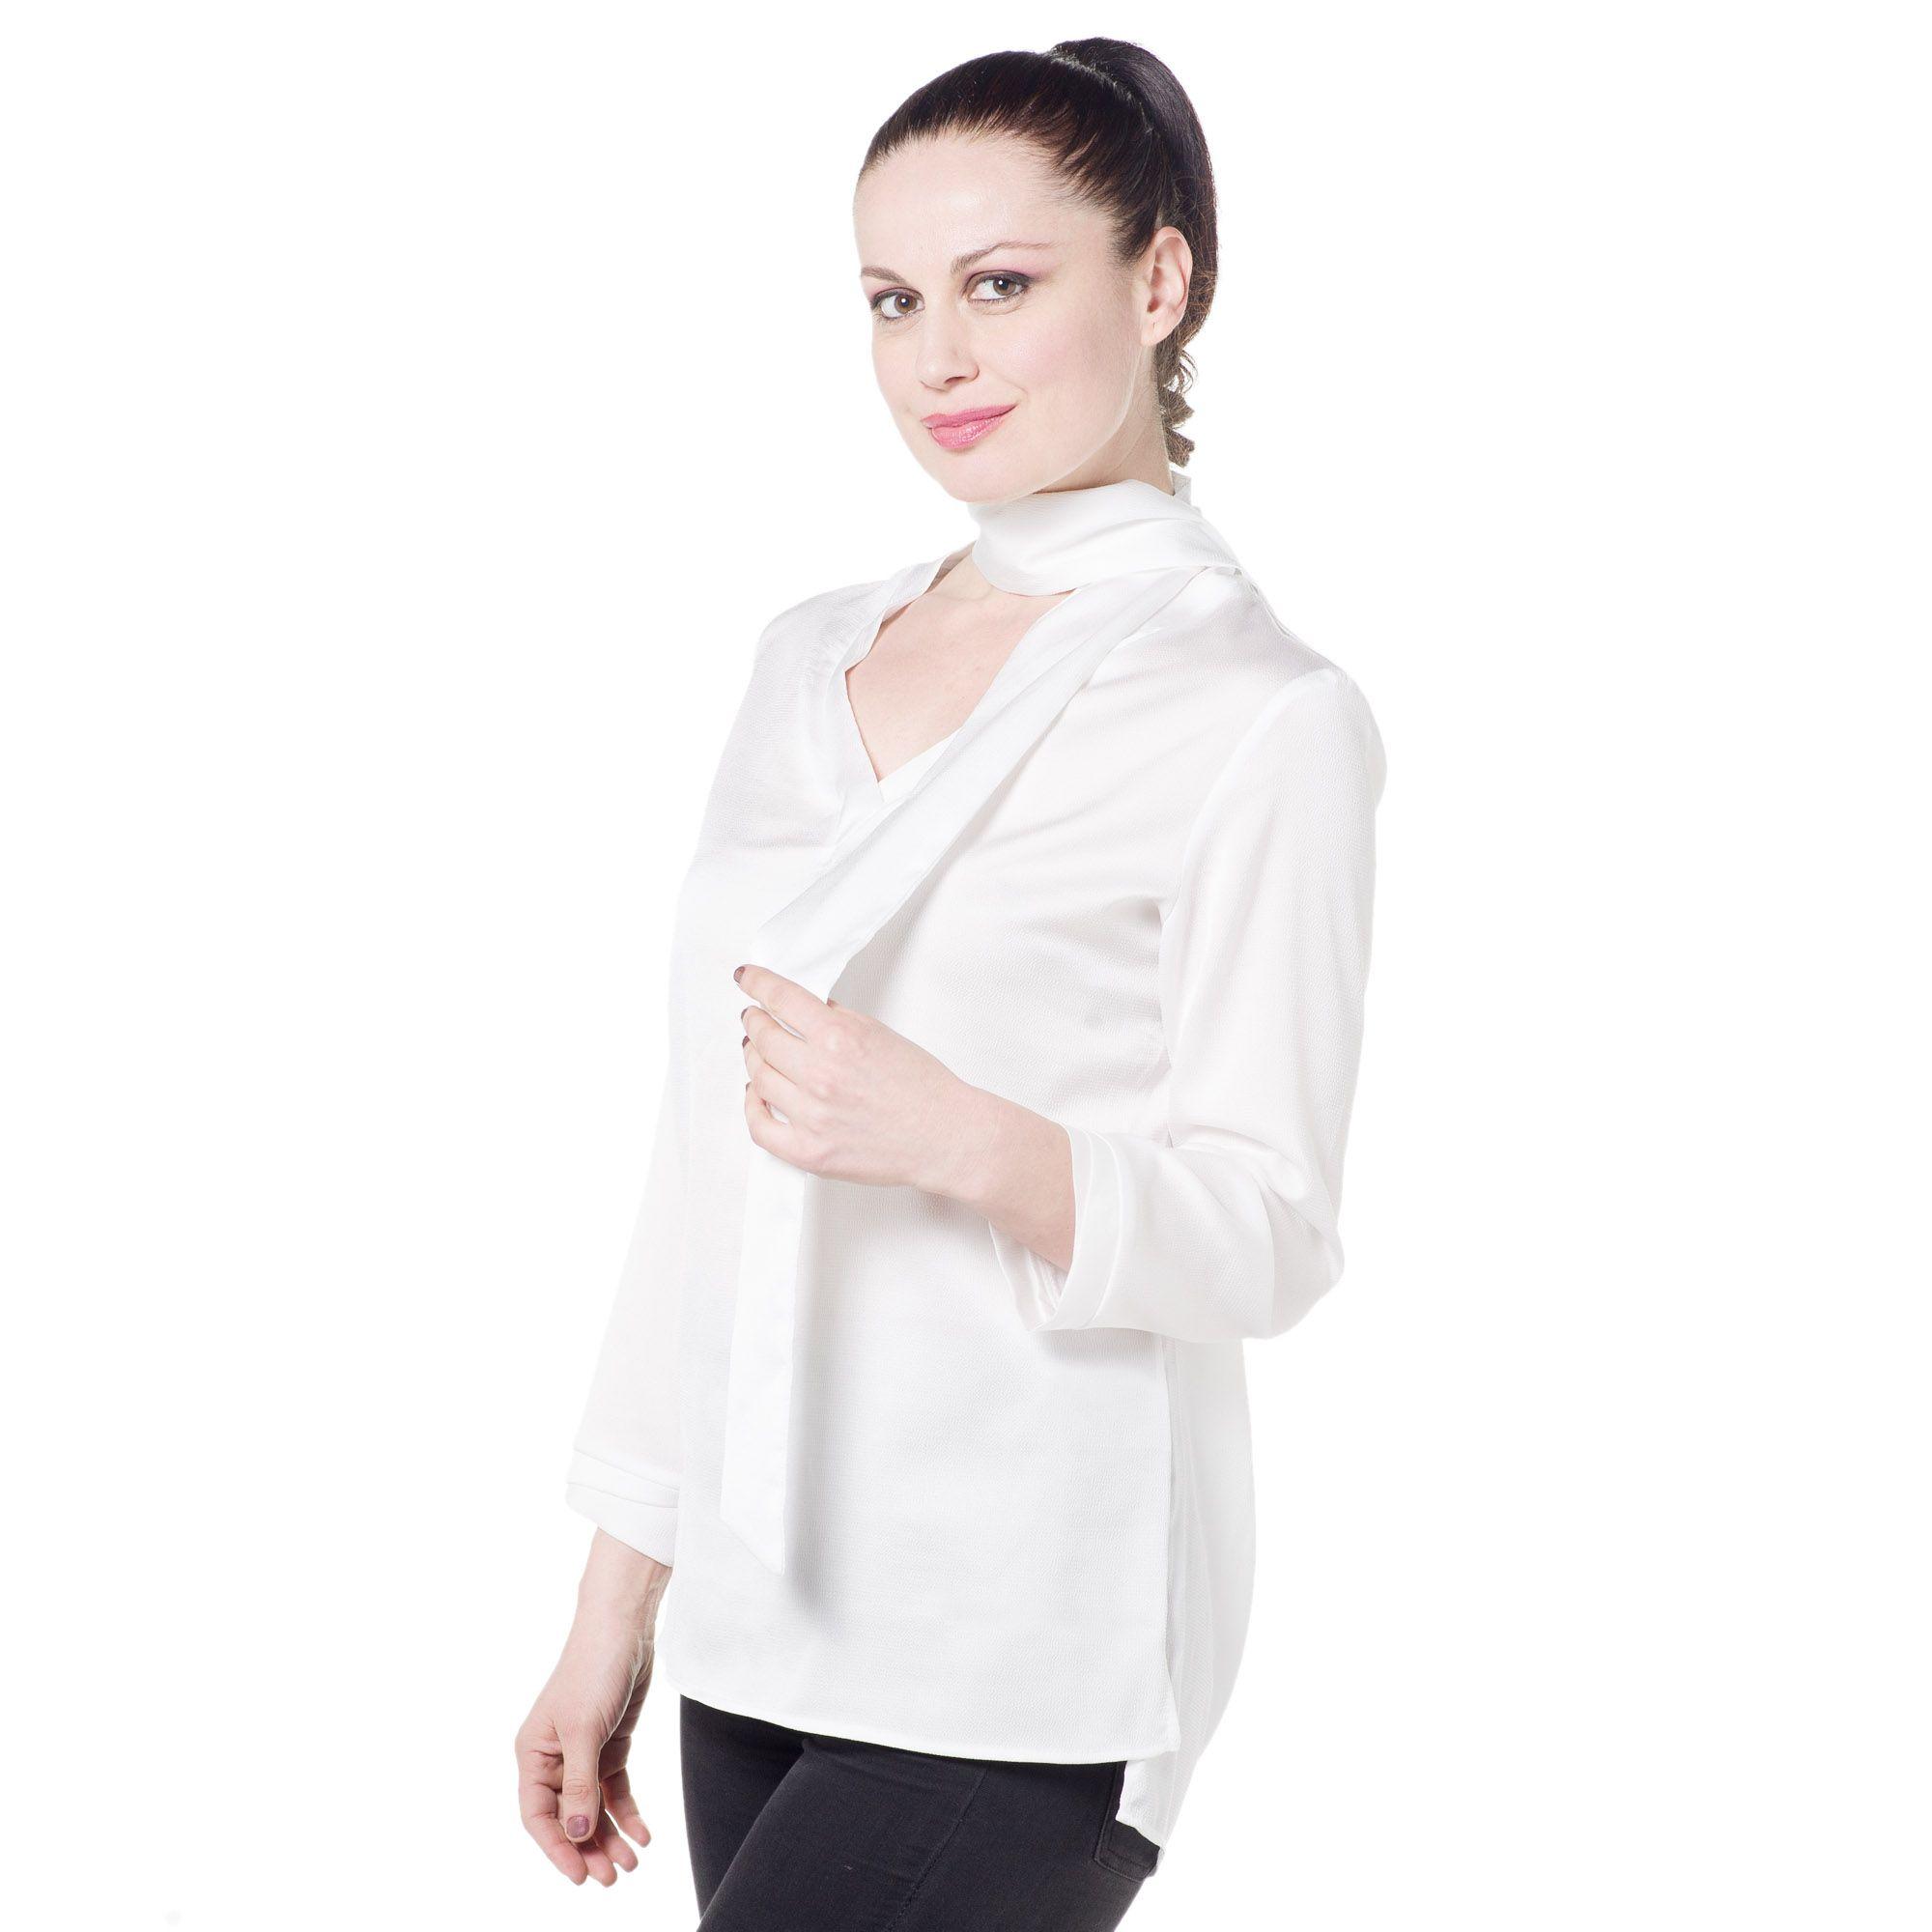 Silvia mori tunica in cr pe modello a camicia con sciarpina qvc italia - Qvc marchi cucina ...